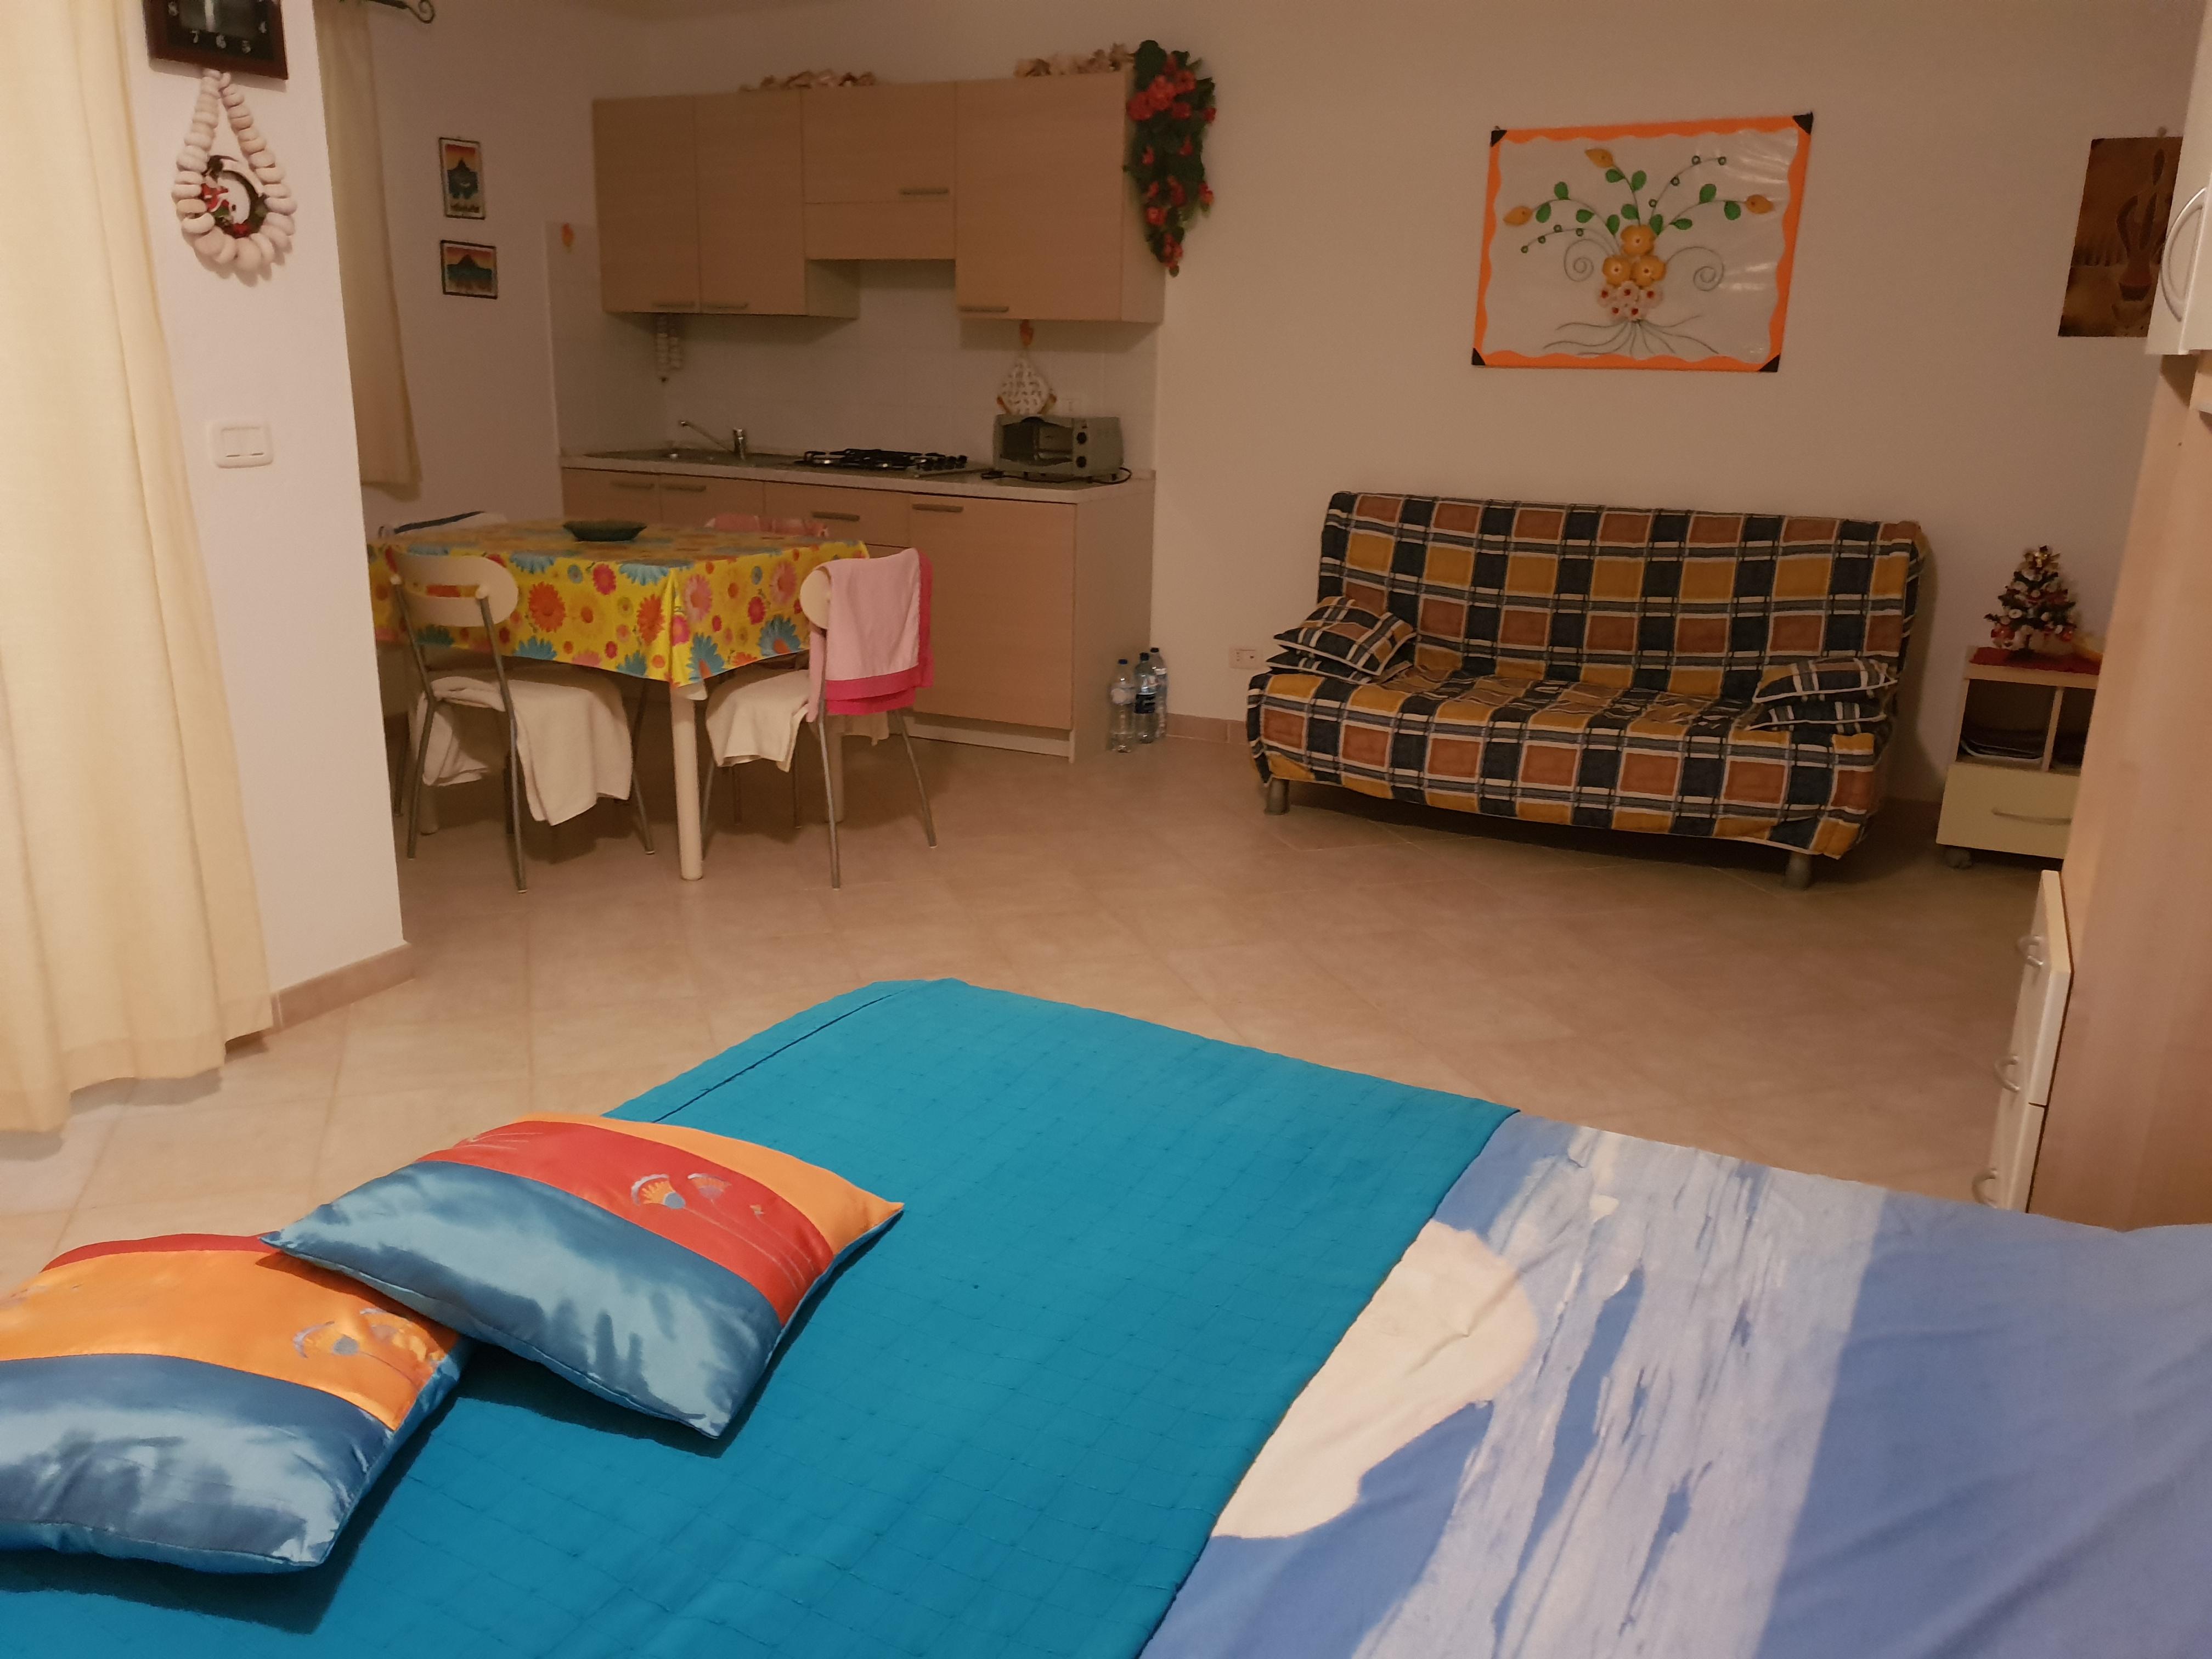 [CV-AP-123] Studio In Santa Maria